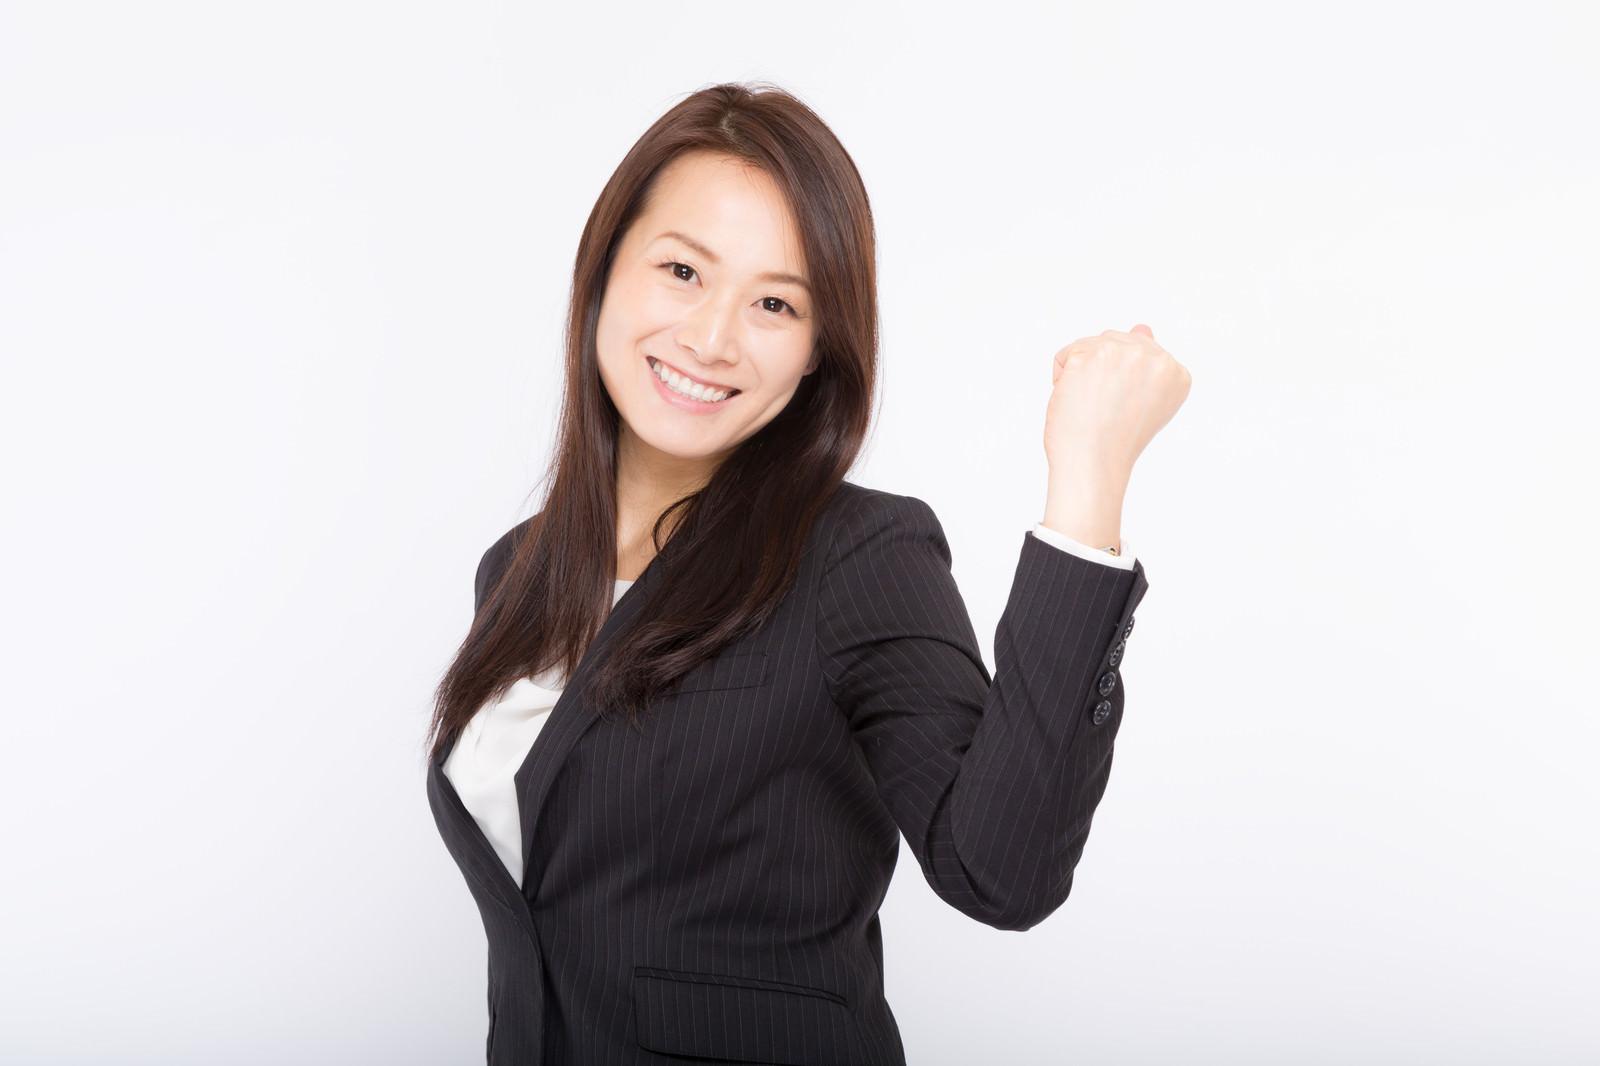 「笑顔で「頑張っていこうね!」と部下を激励する女性上司」[モデル:土本寛子]